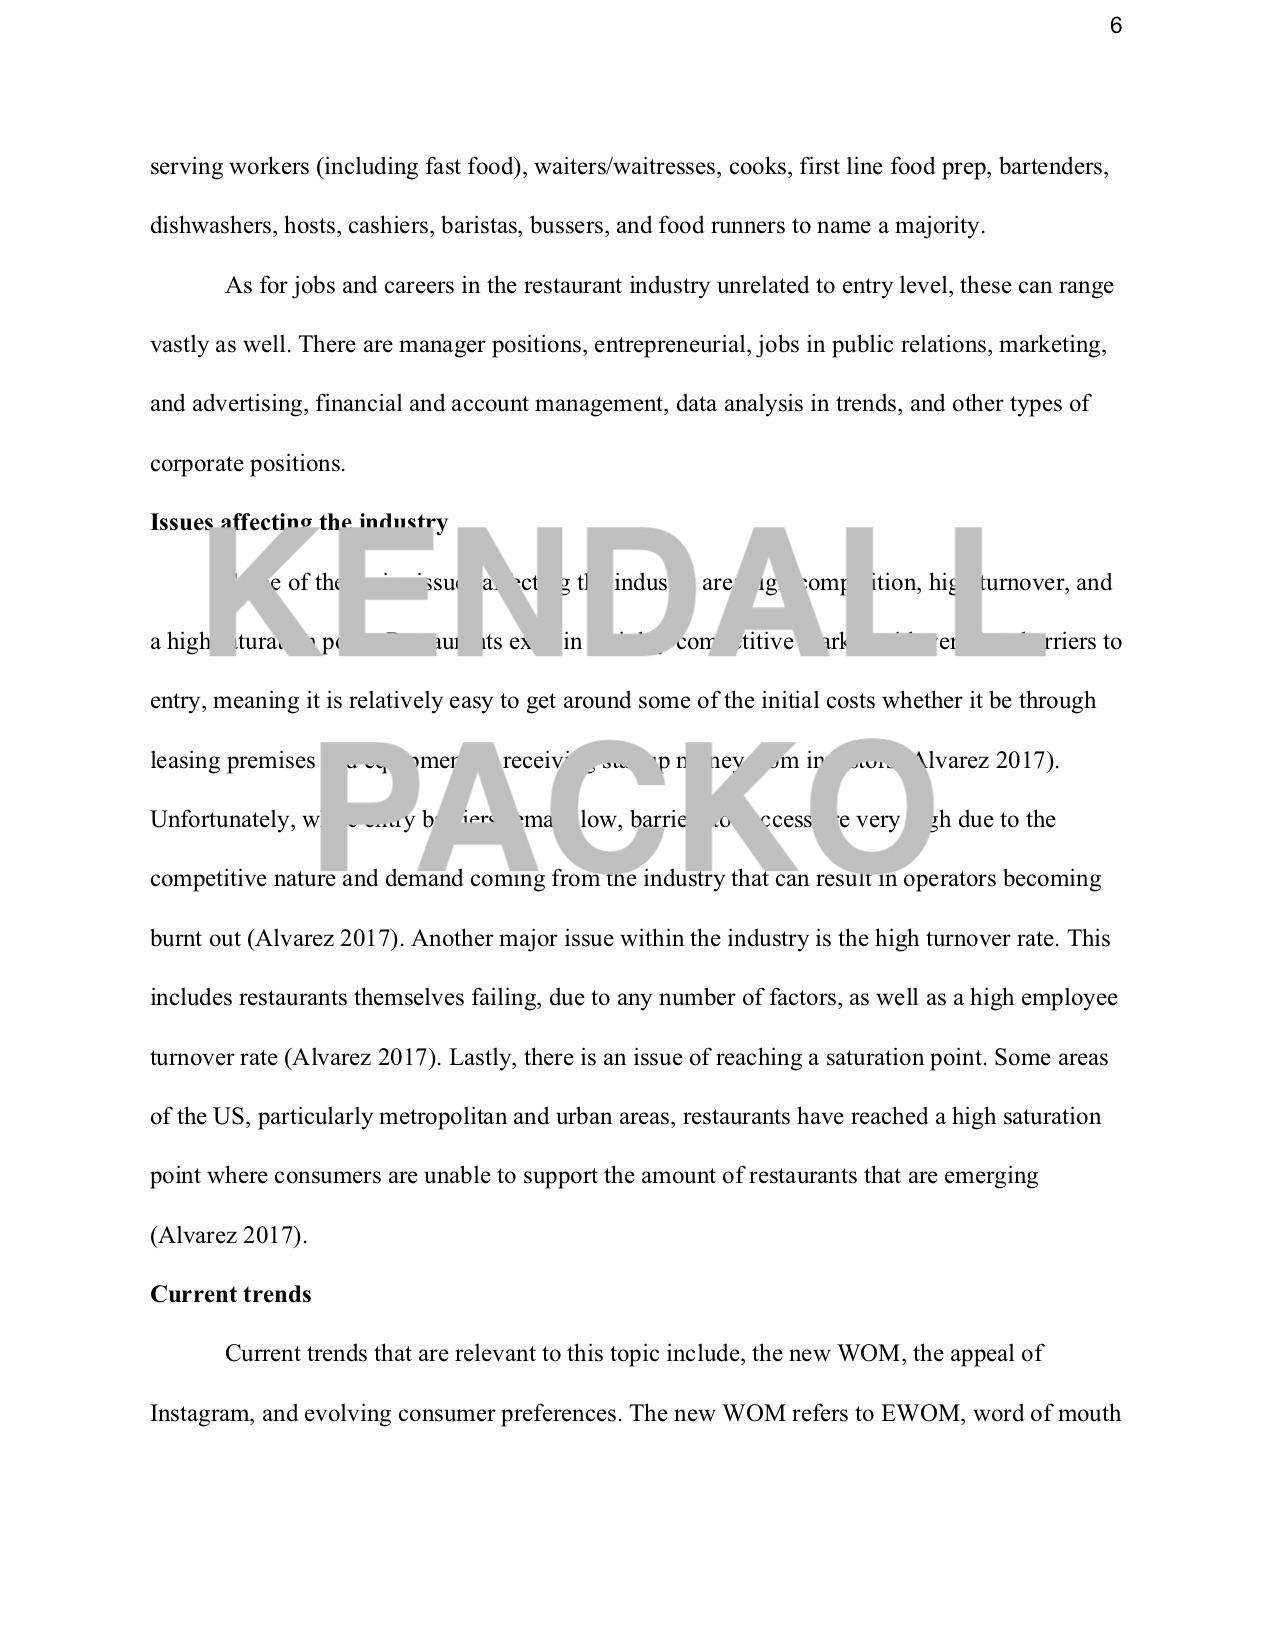 capstone_ white paper (paper)-6 WATERMARK.jpg